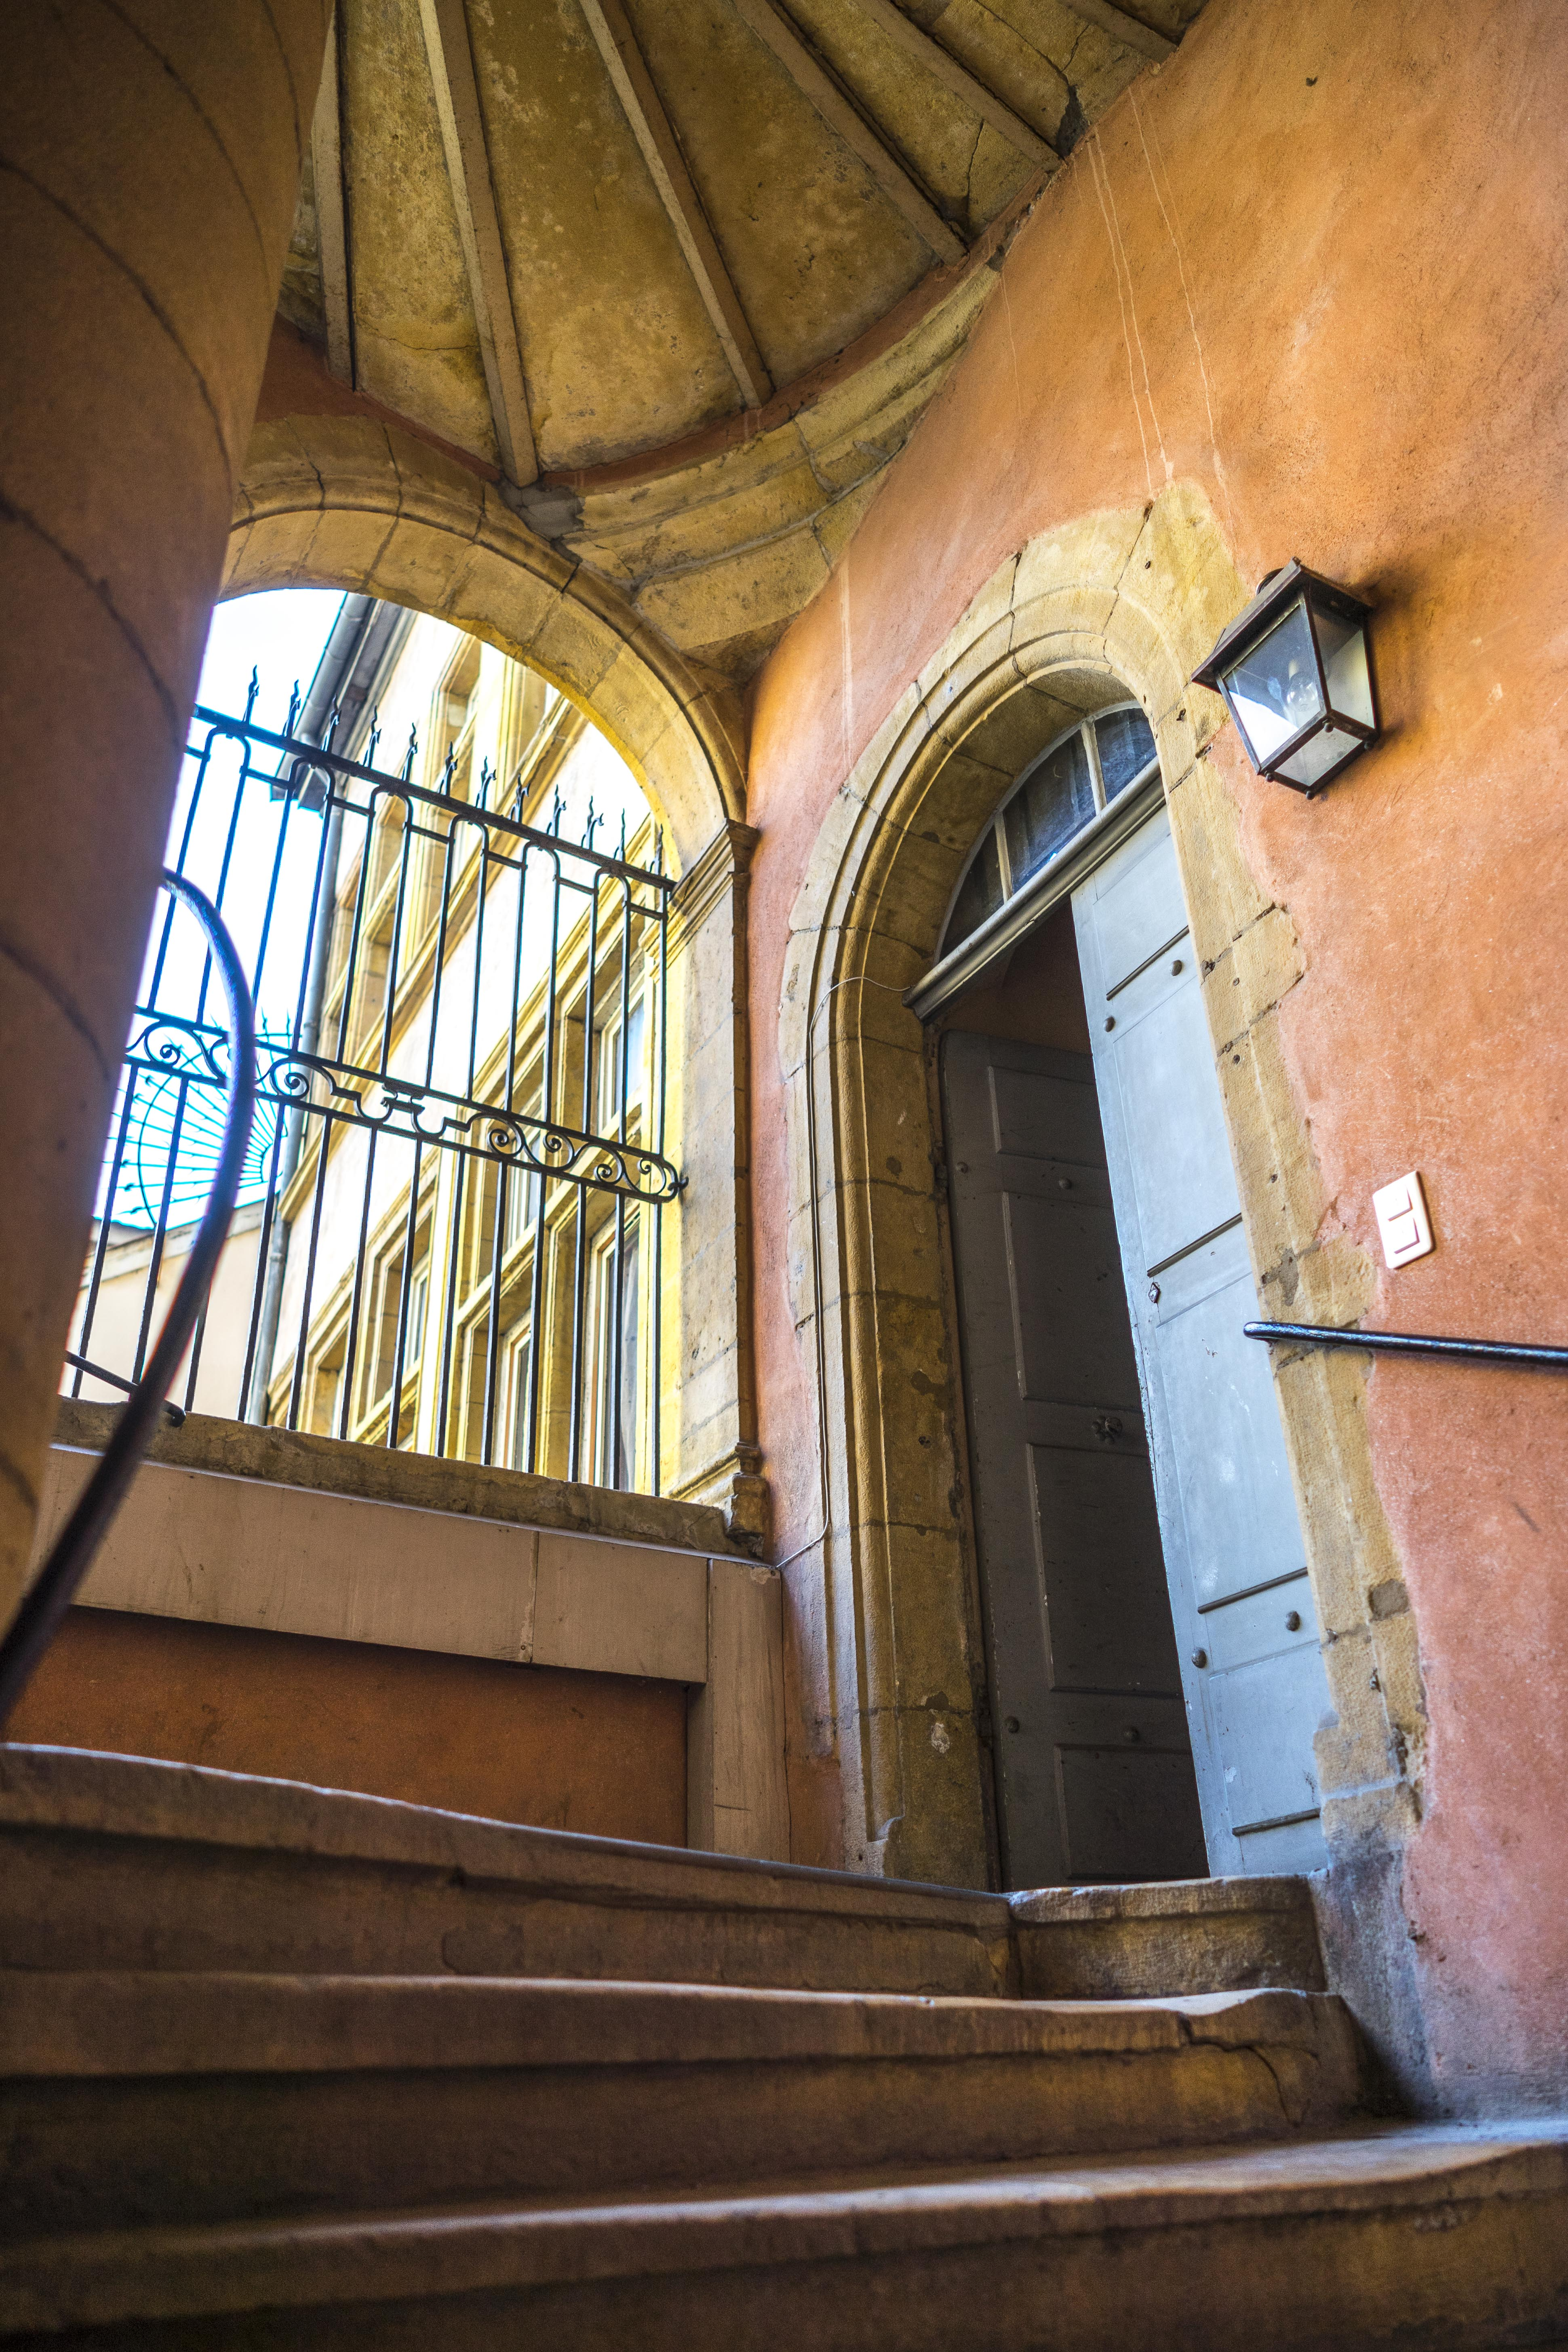 Lyon, France - Traboule Maison Henri IV